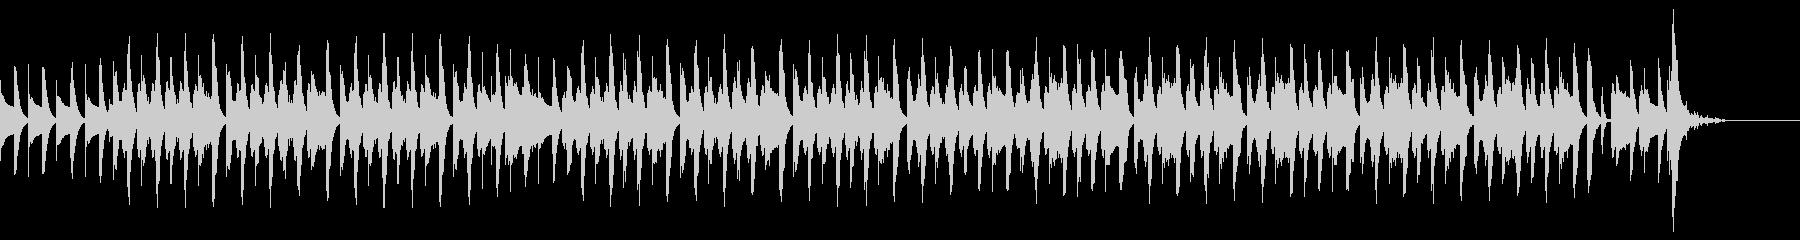 絵かき歌 完成してキラキラ音 ゆるカワ の未再生の波形